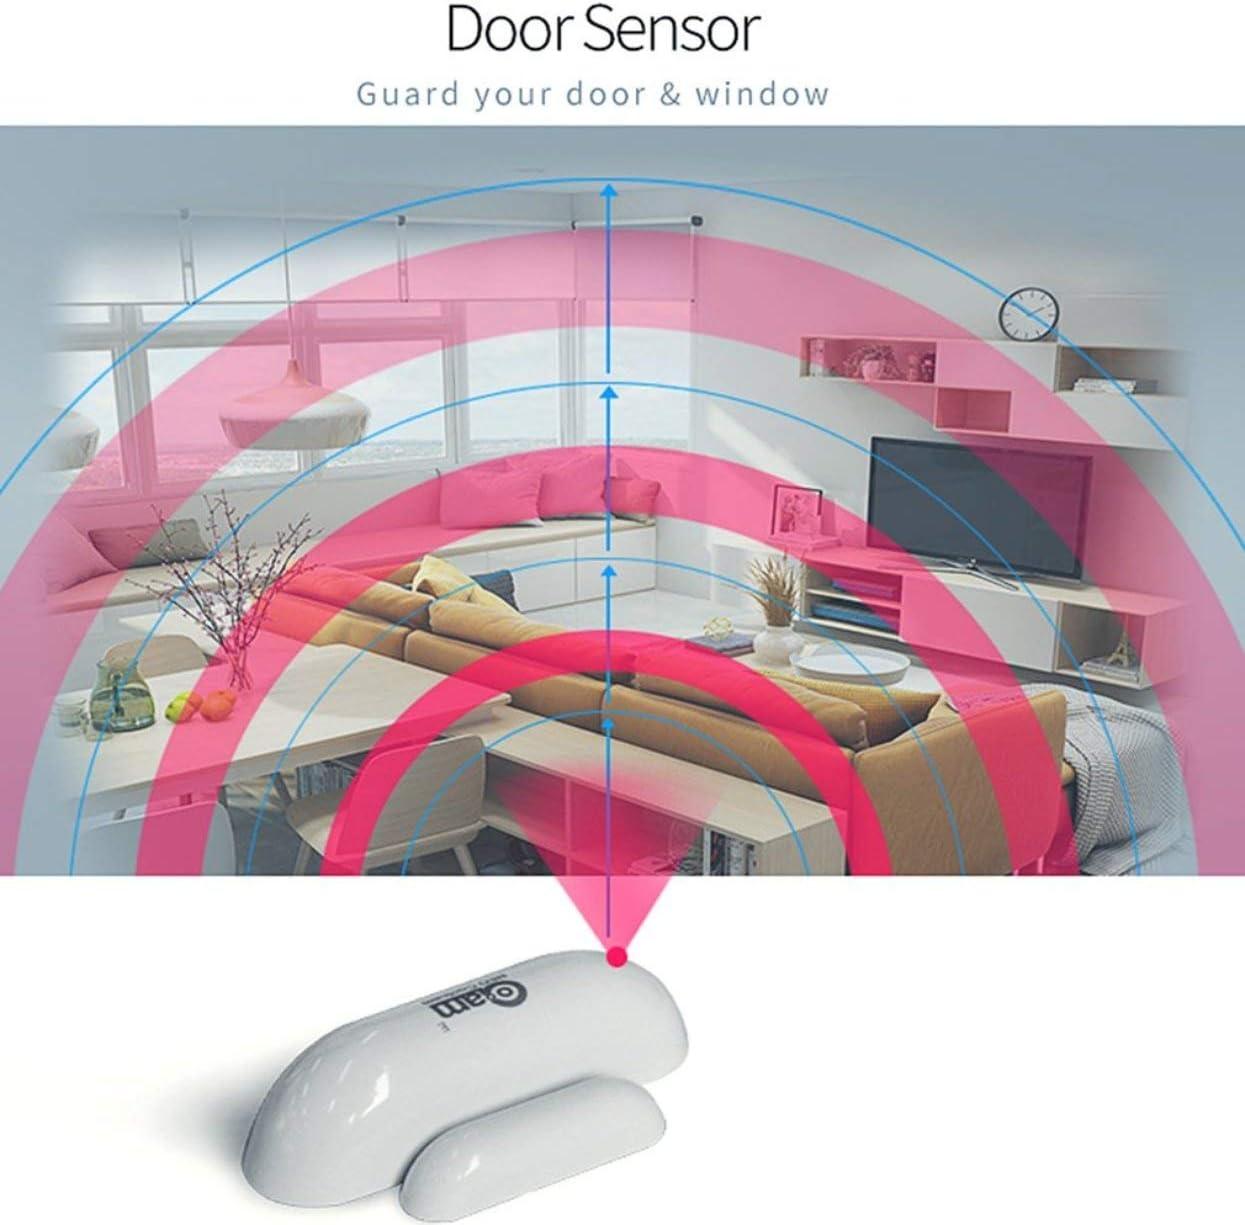 Tree-on-Life Sensor de la Ventana de la Puerta Z-Wave Detecci/ón del Estado de la Puerta Detecci/ón de Intrusos Dispositivo Z-Wave Compatible Serie 300 y Serie 500